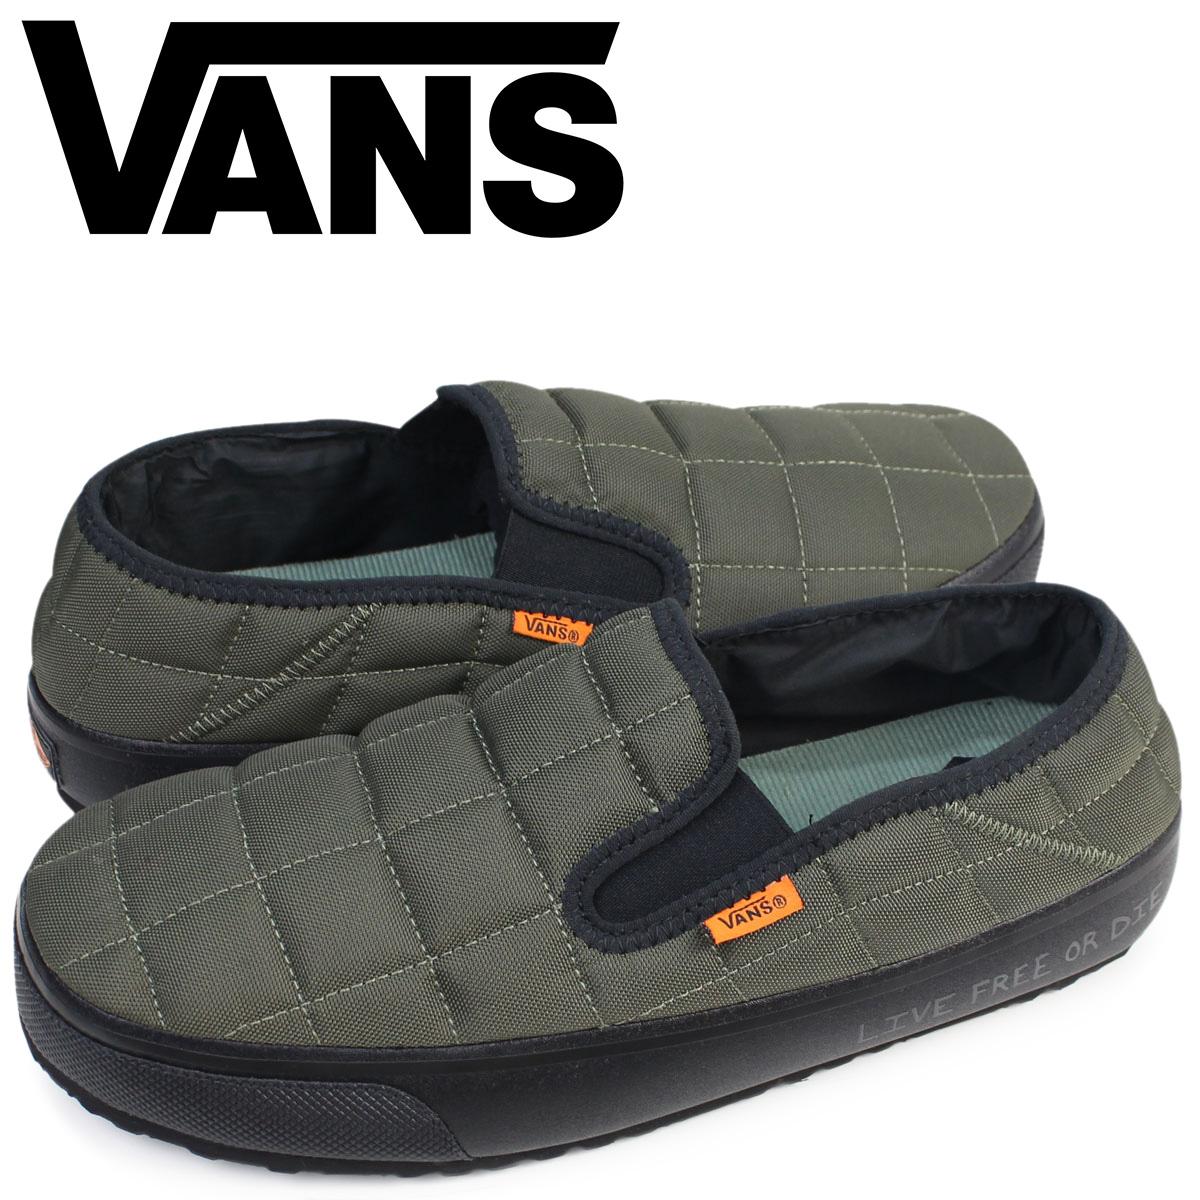 31b82d8bb0a2dd Sugar Online Shop  Vans slip-ons slippers men VANS station wagons SLIP-ER  VN0A344OOQR shoes olive sandals room shoes pat Moore